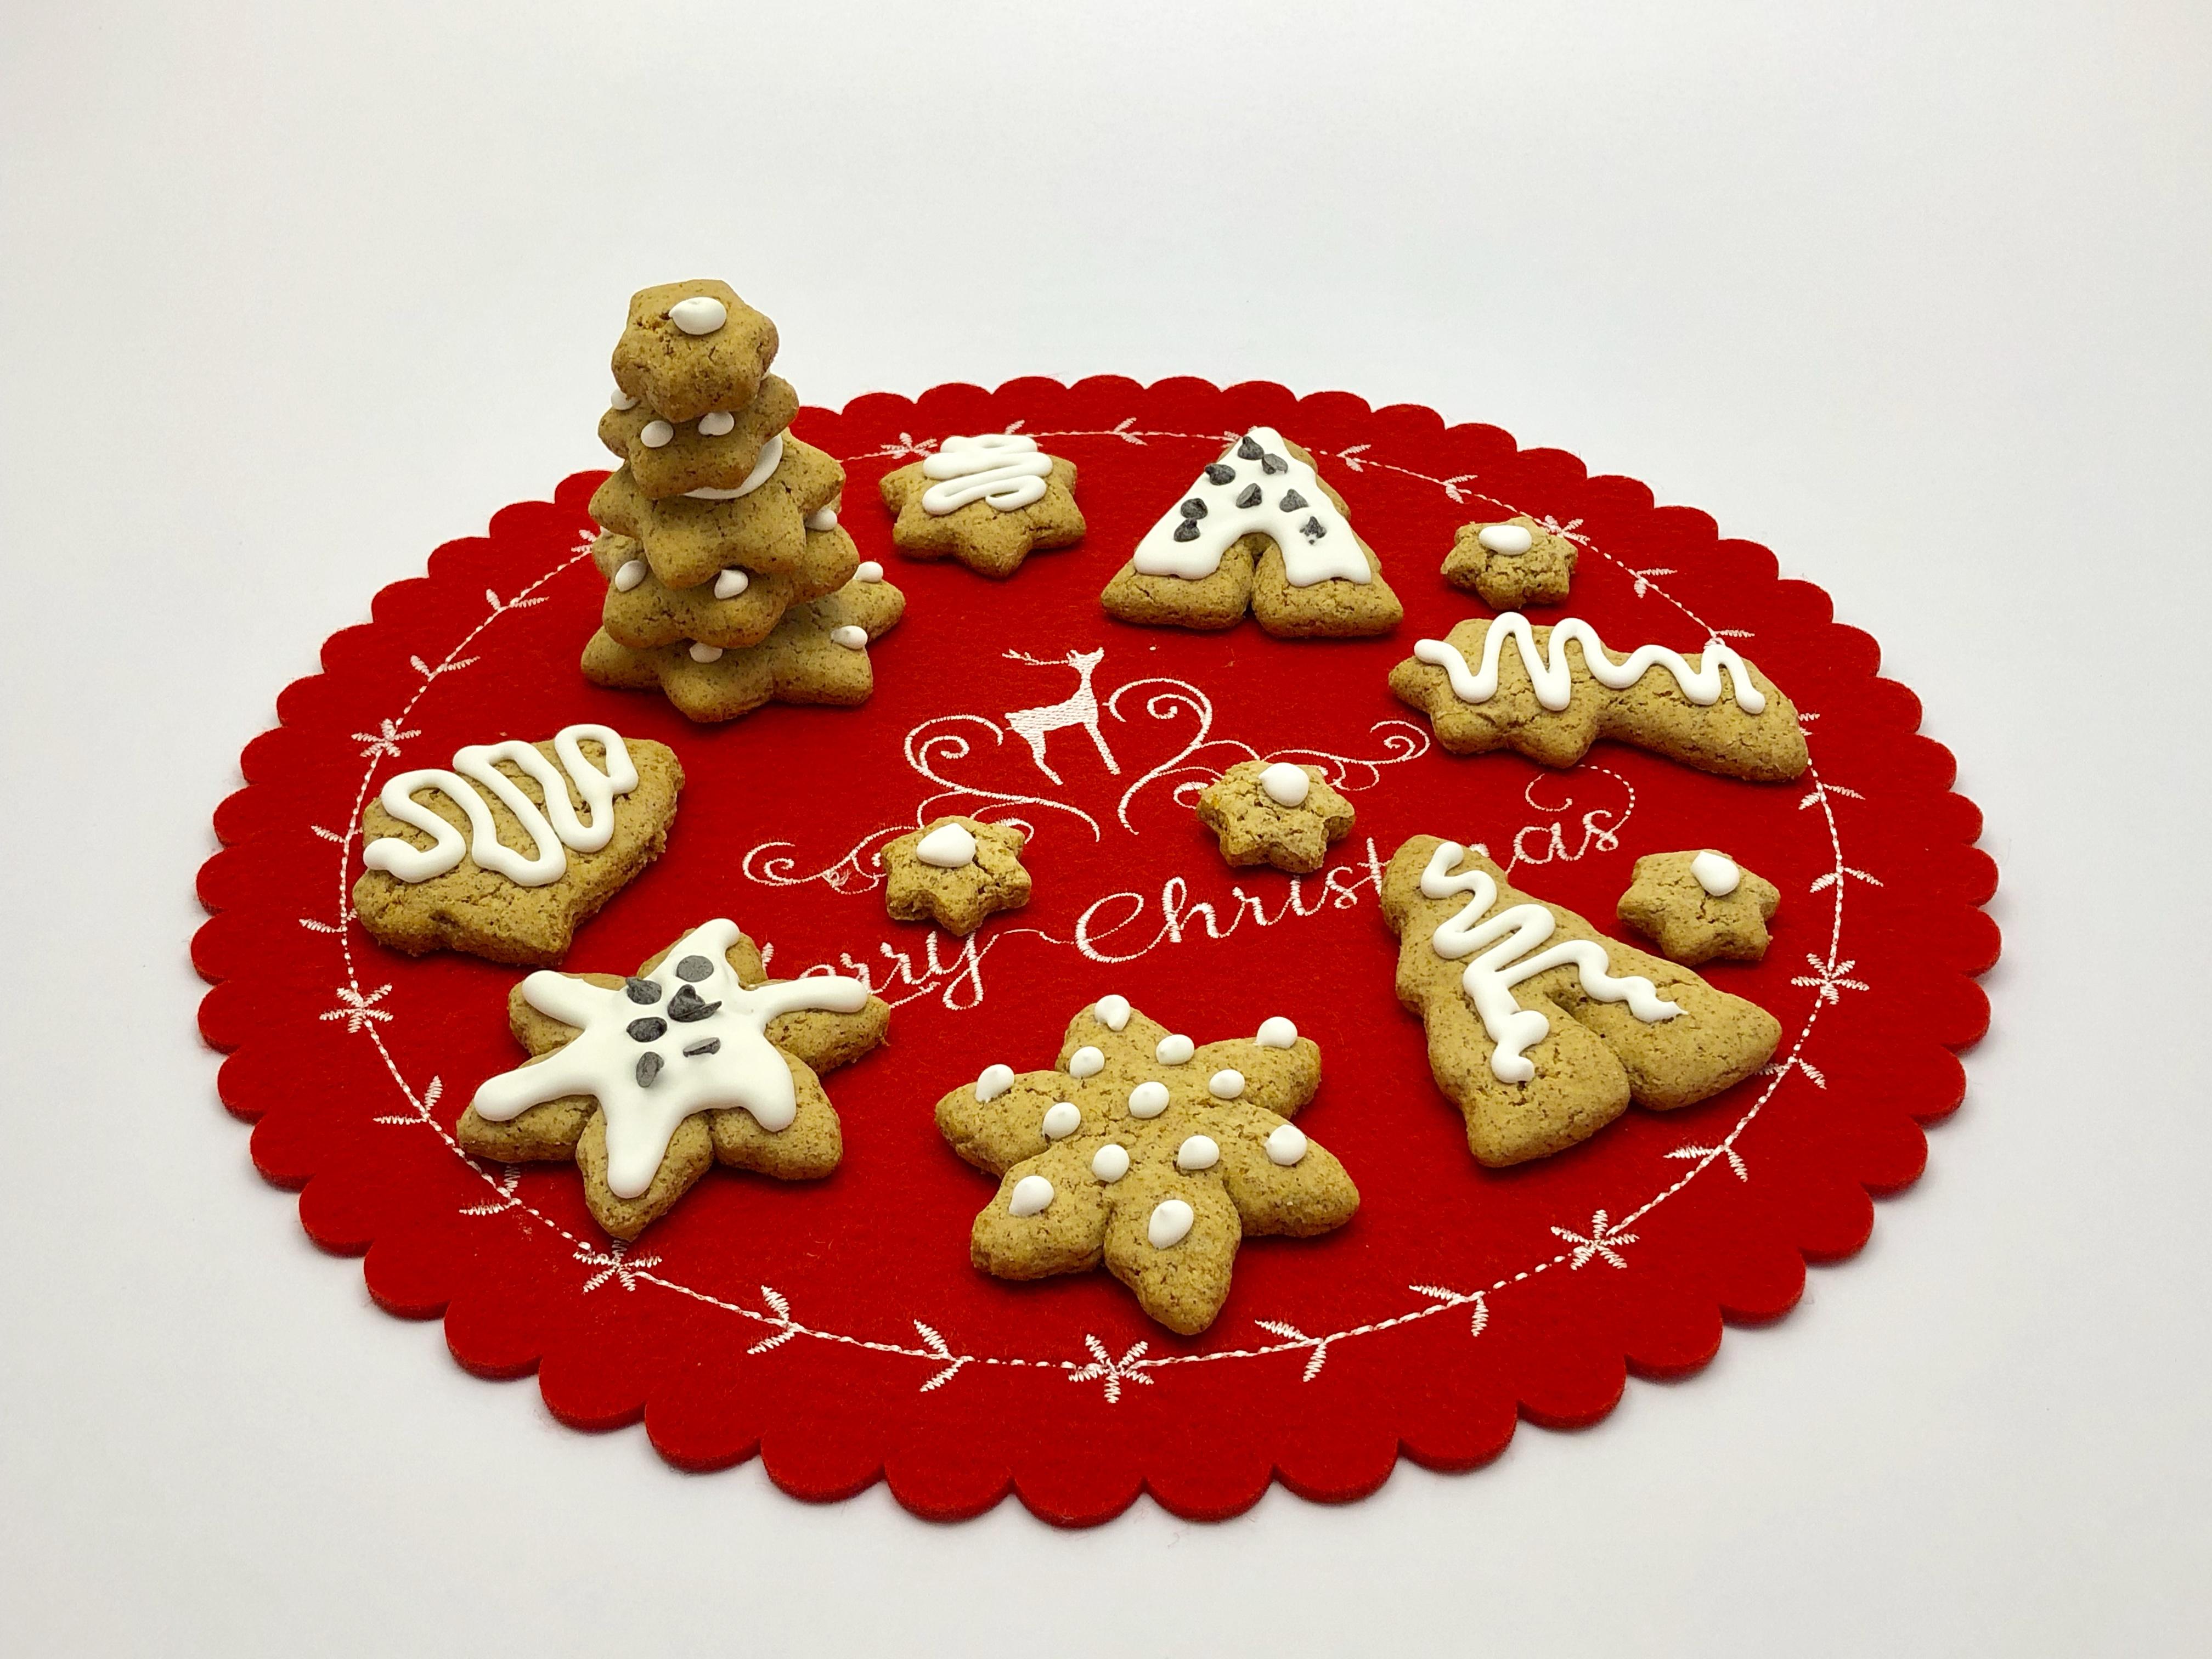 Tronchetto Di Natale Cucchiaio D Argento.Ricette Di Natale Stellasenzaglutine Com